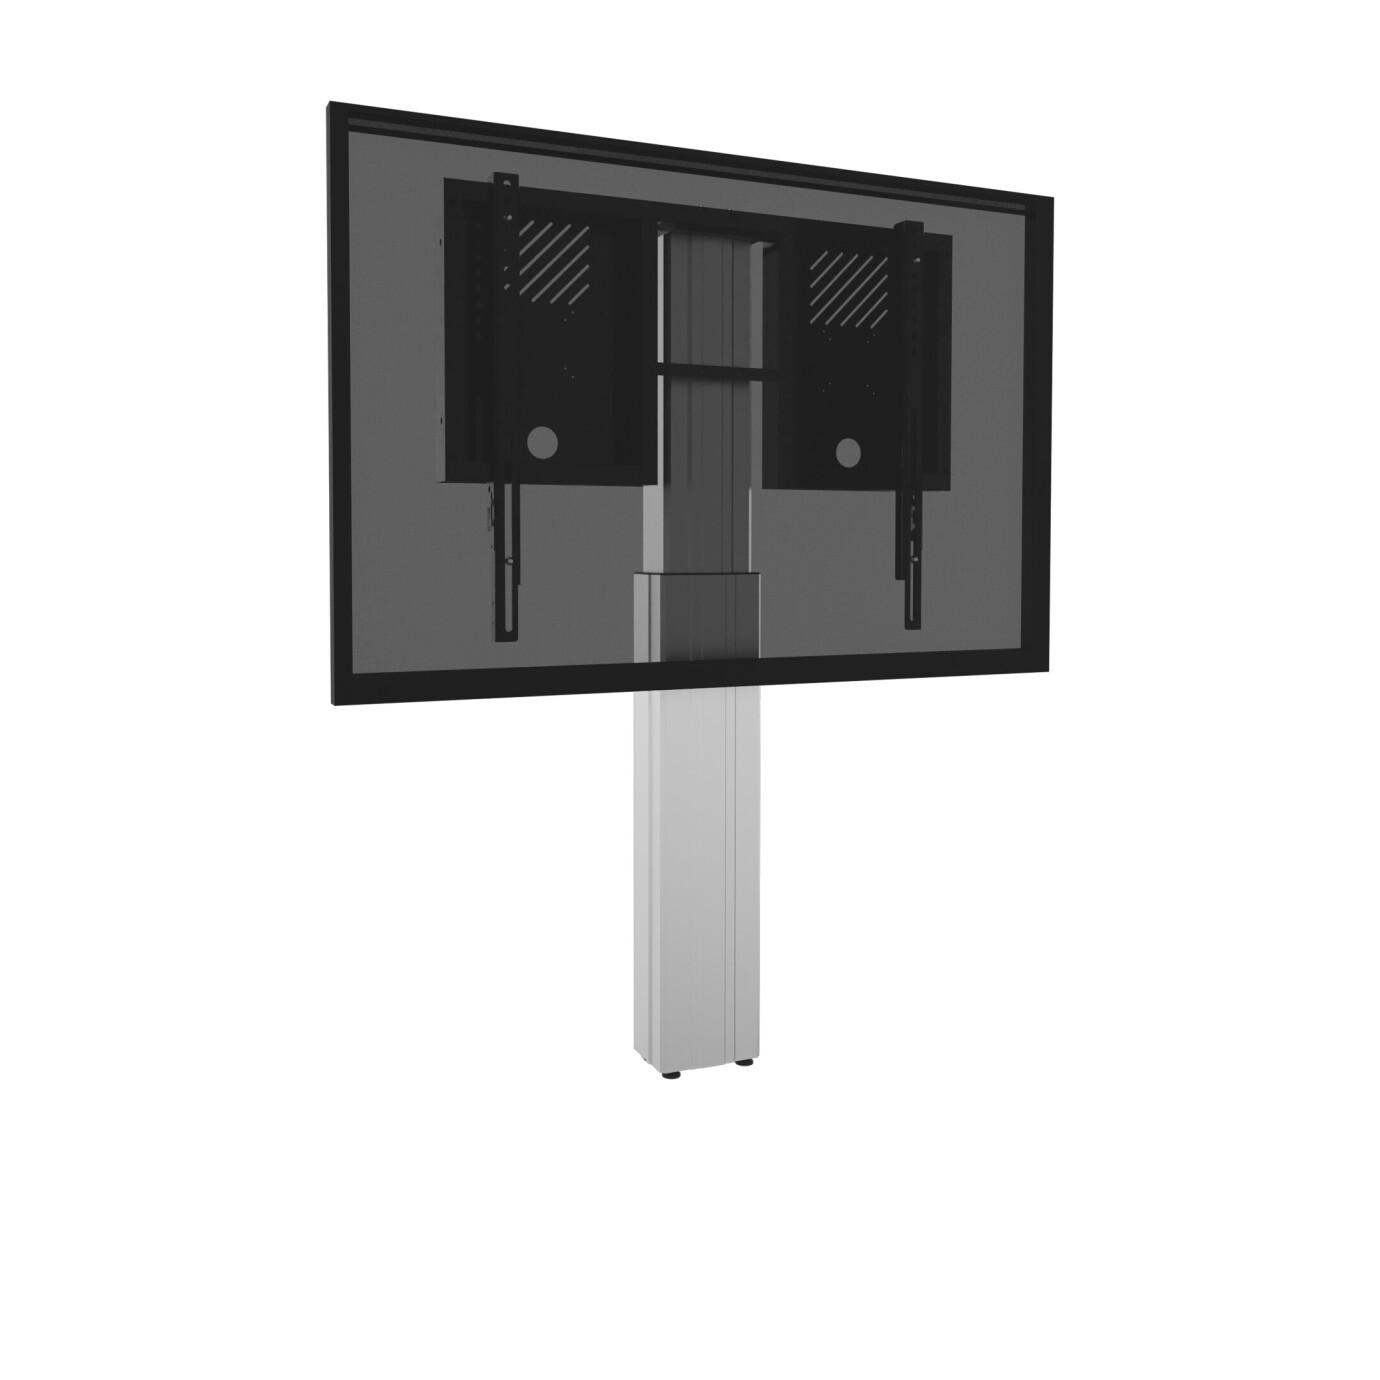 celexon Expert elektrisch höhenverstellbarer Display-Ständer Adjust-4275WS mit Wandbefestigung - 50c